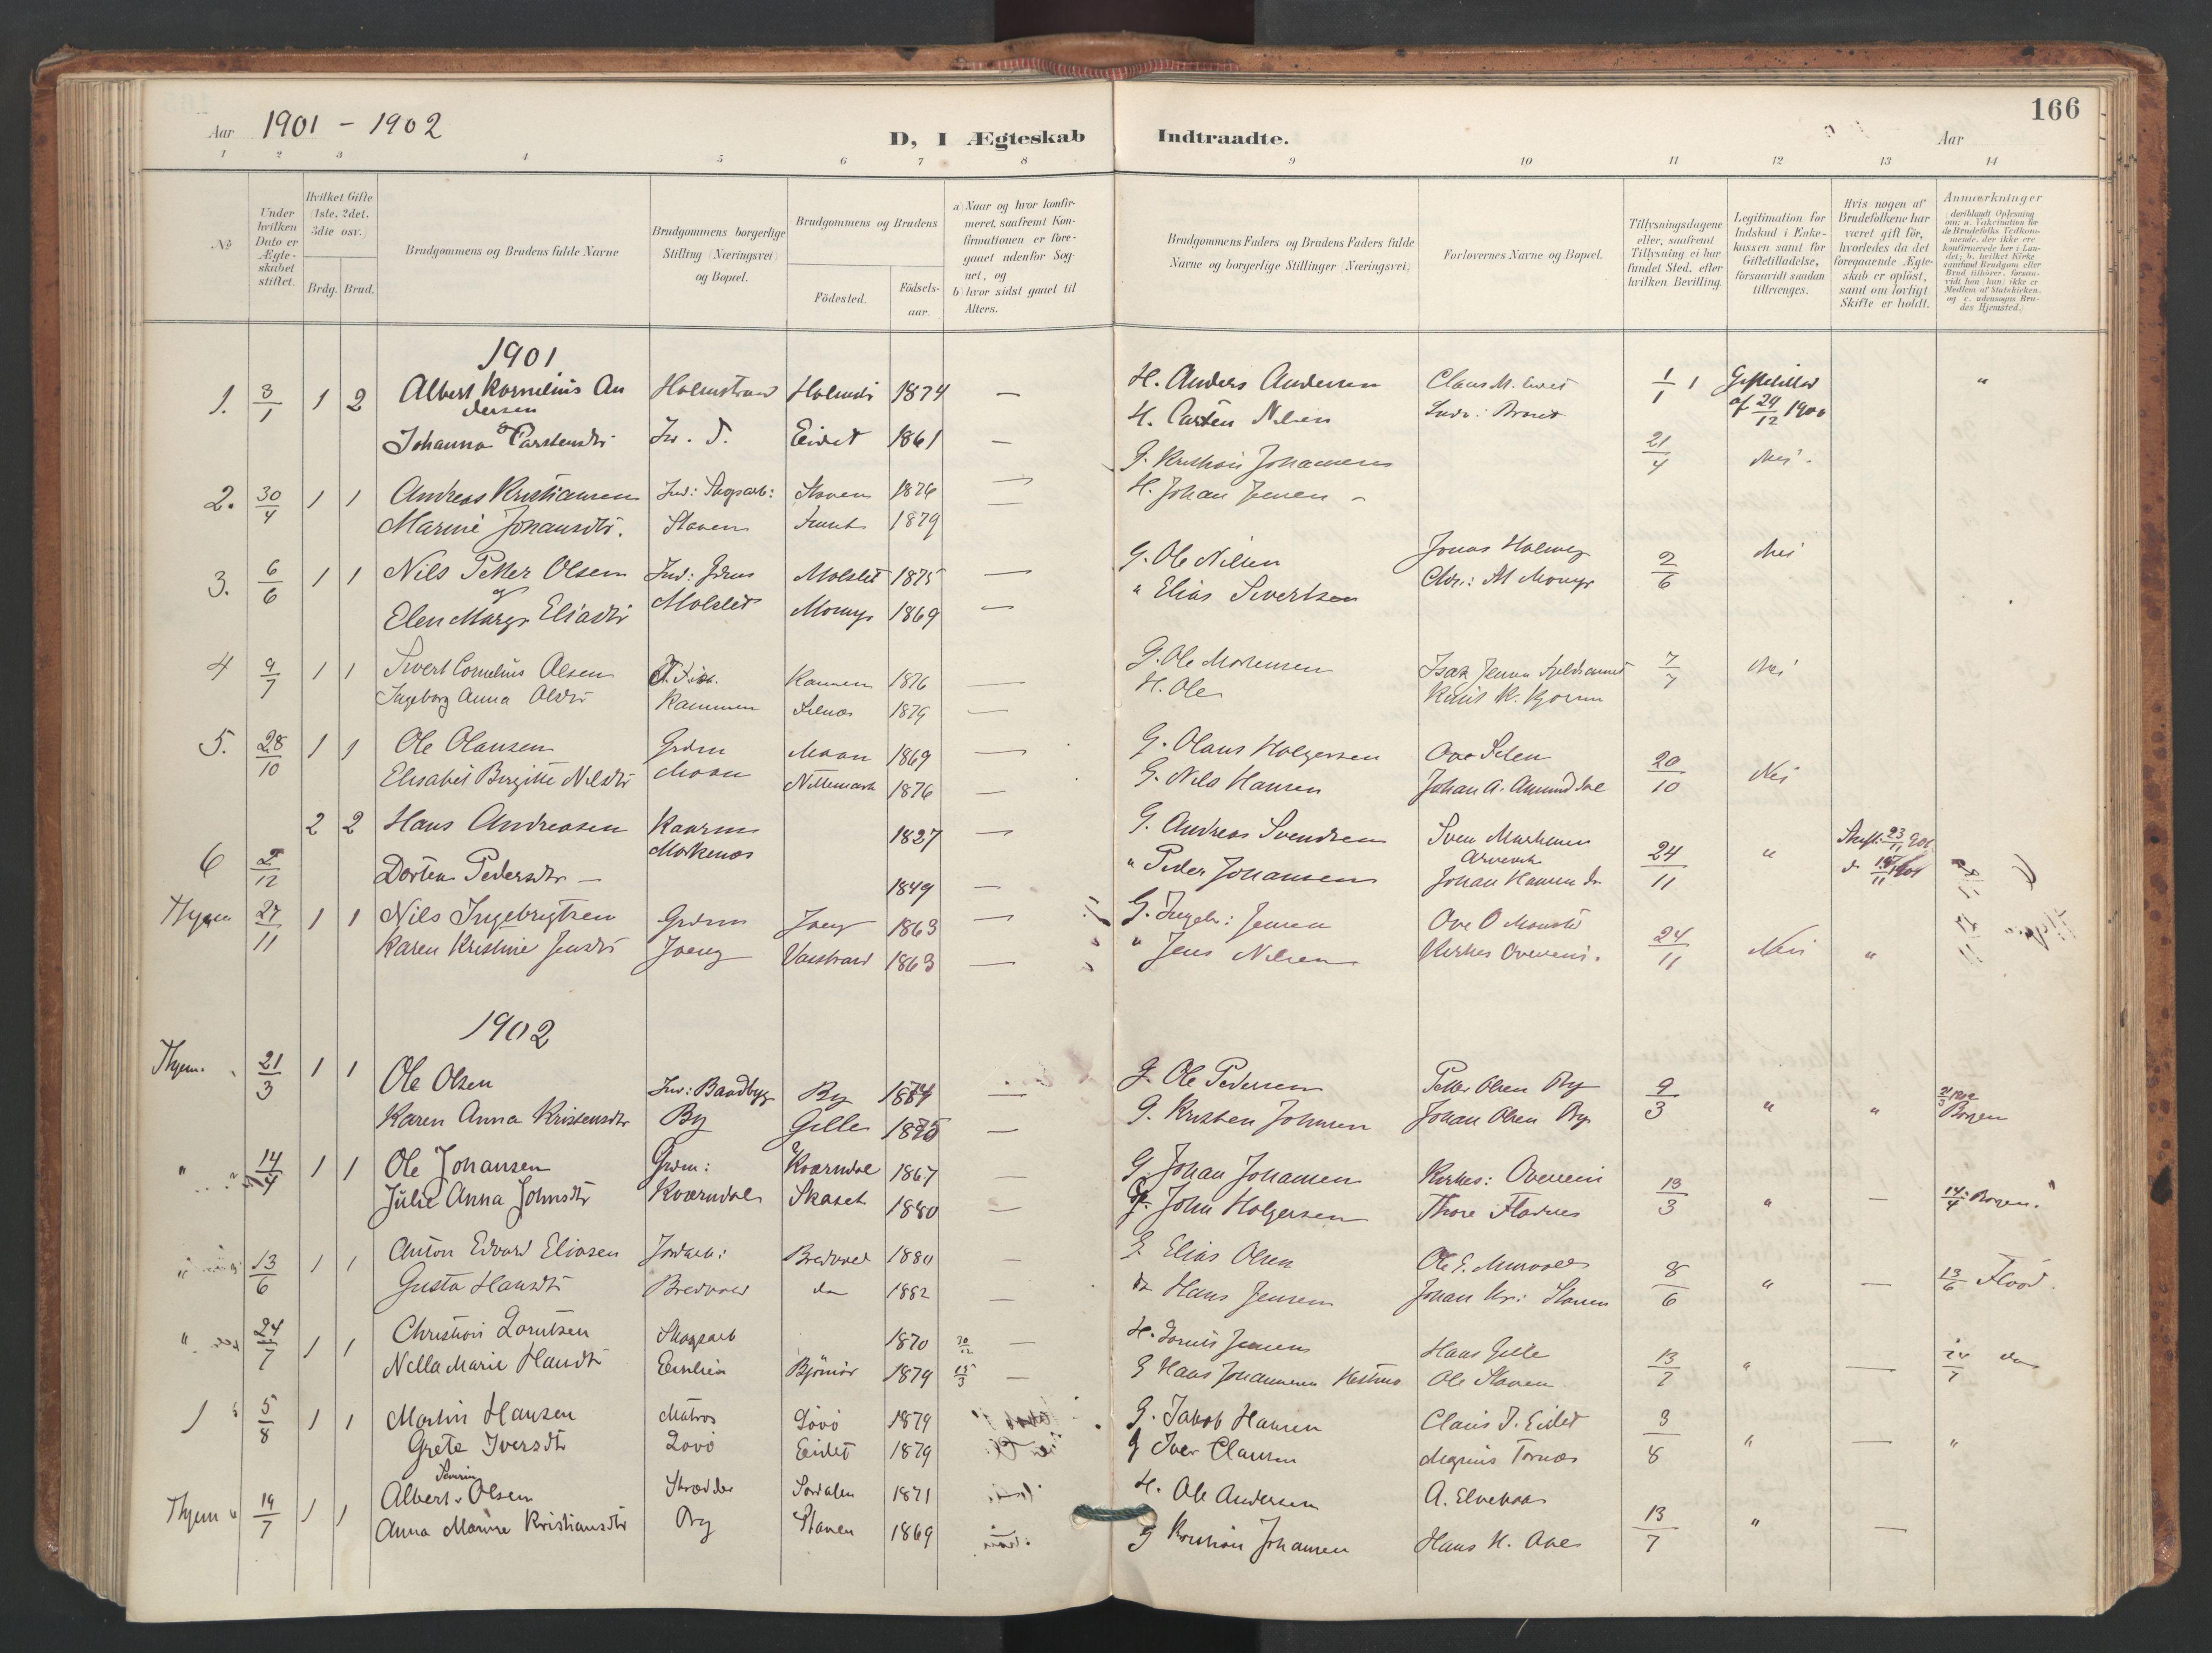 SAT, Ministerialprotokoller, klokkerbøker og fødselsregistre - Sør-Trøndelag, 655/L0681: Ministerialbok nr. 655A10, 1895-1907, s. 166